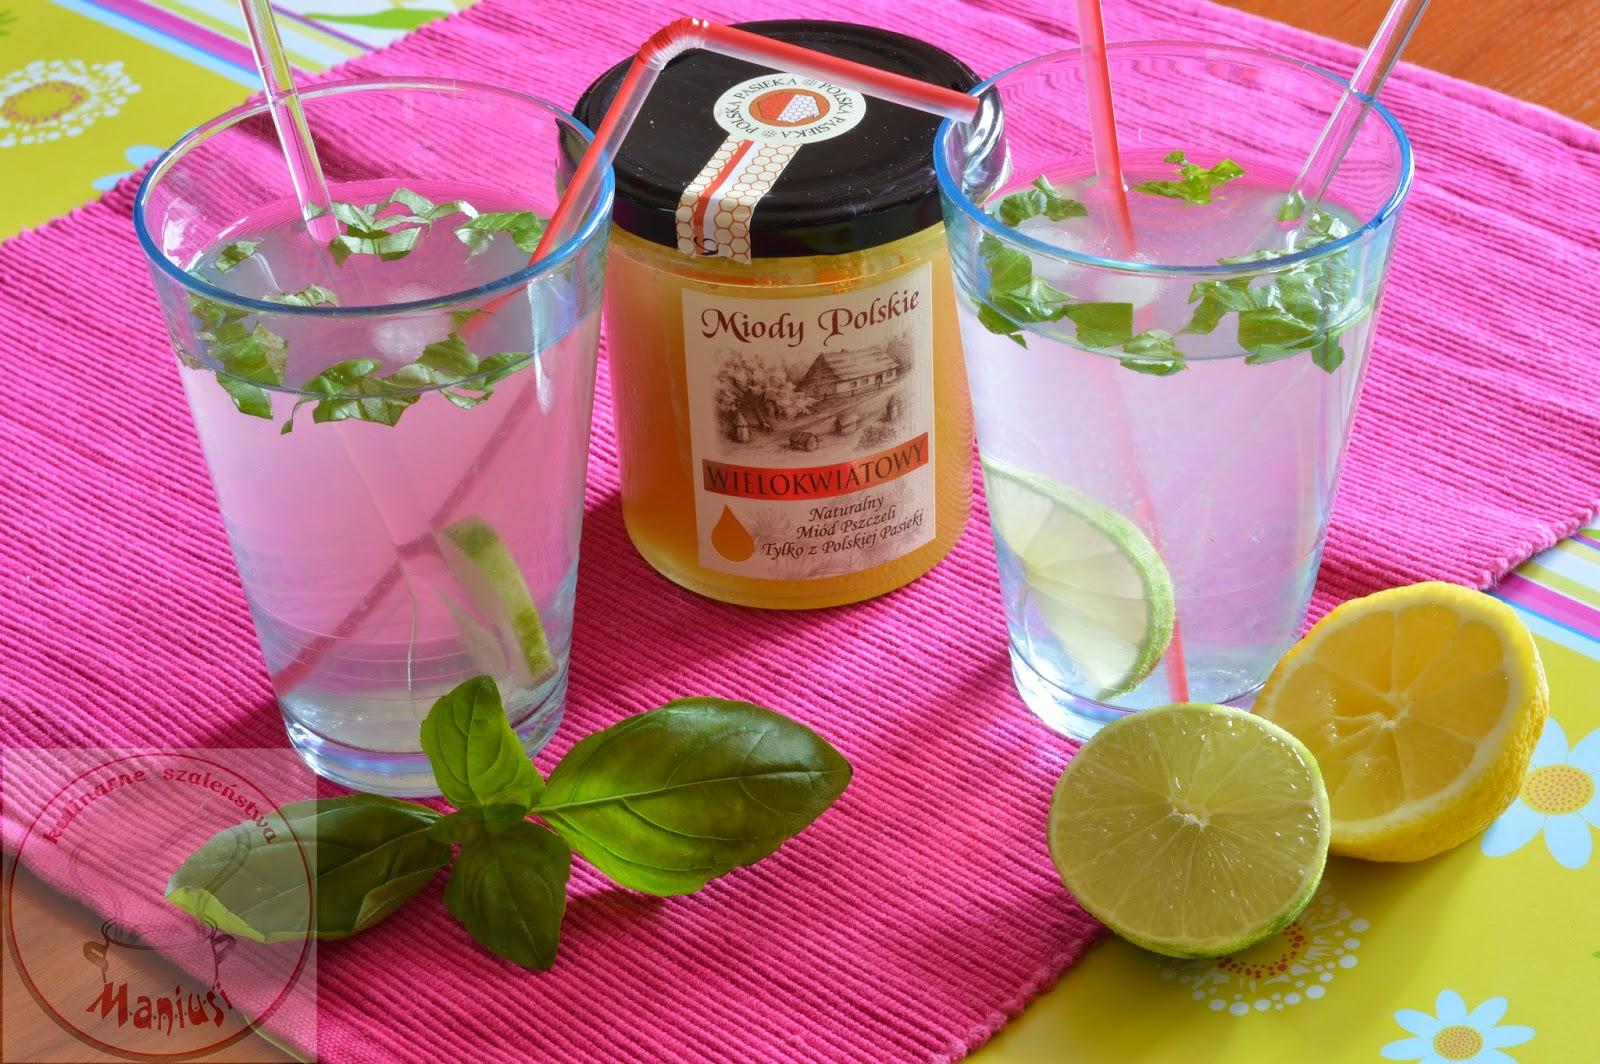 Napoje orzeźwiające na bazie miodu - konkurs z Miody Polskie